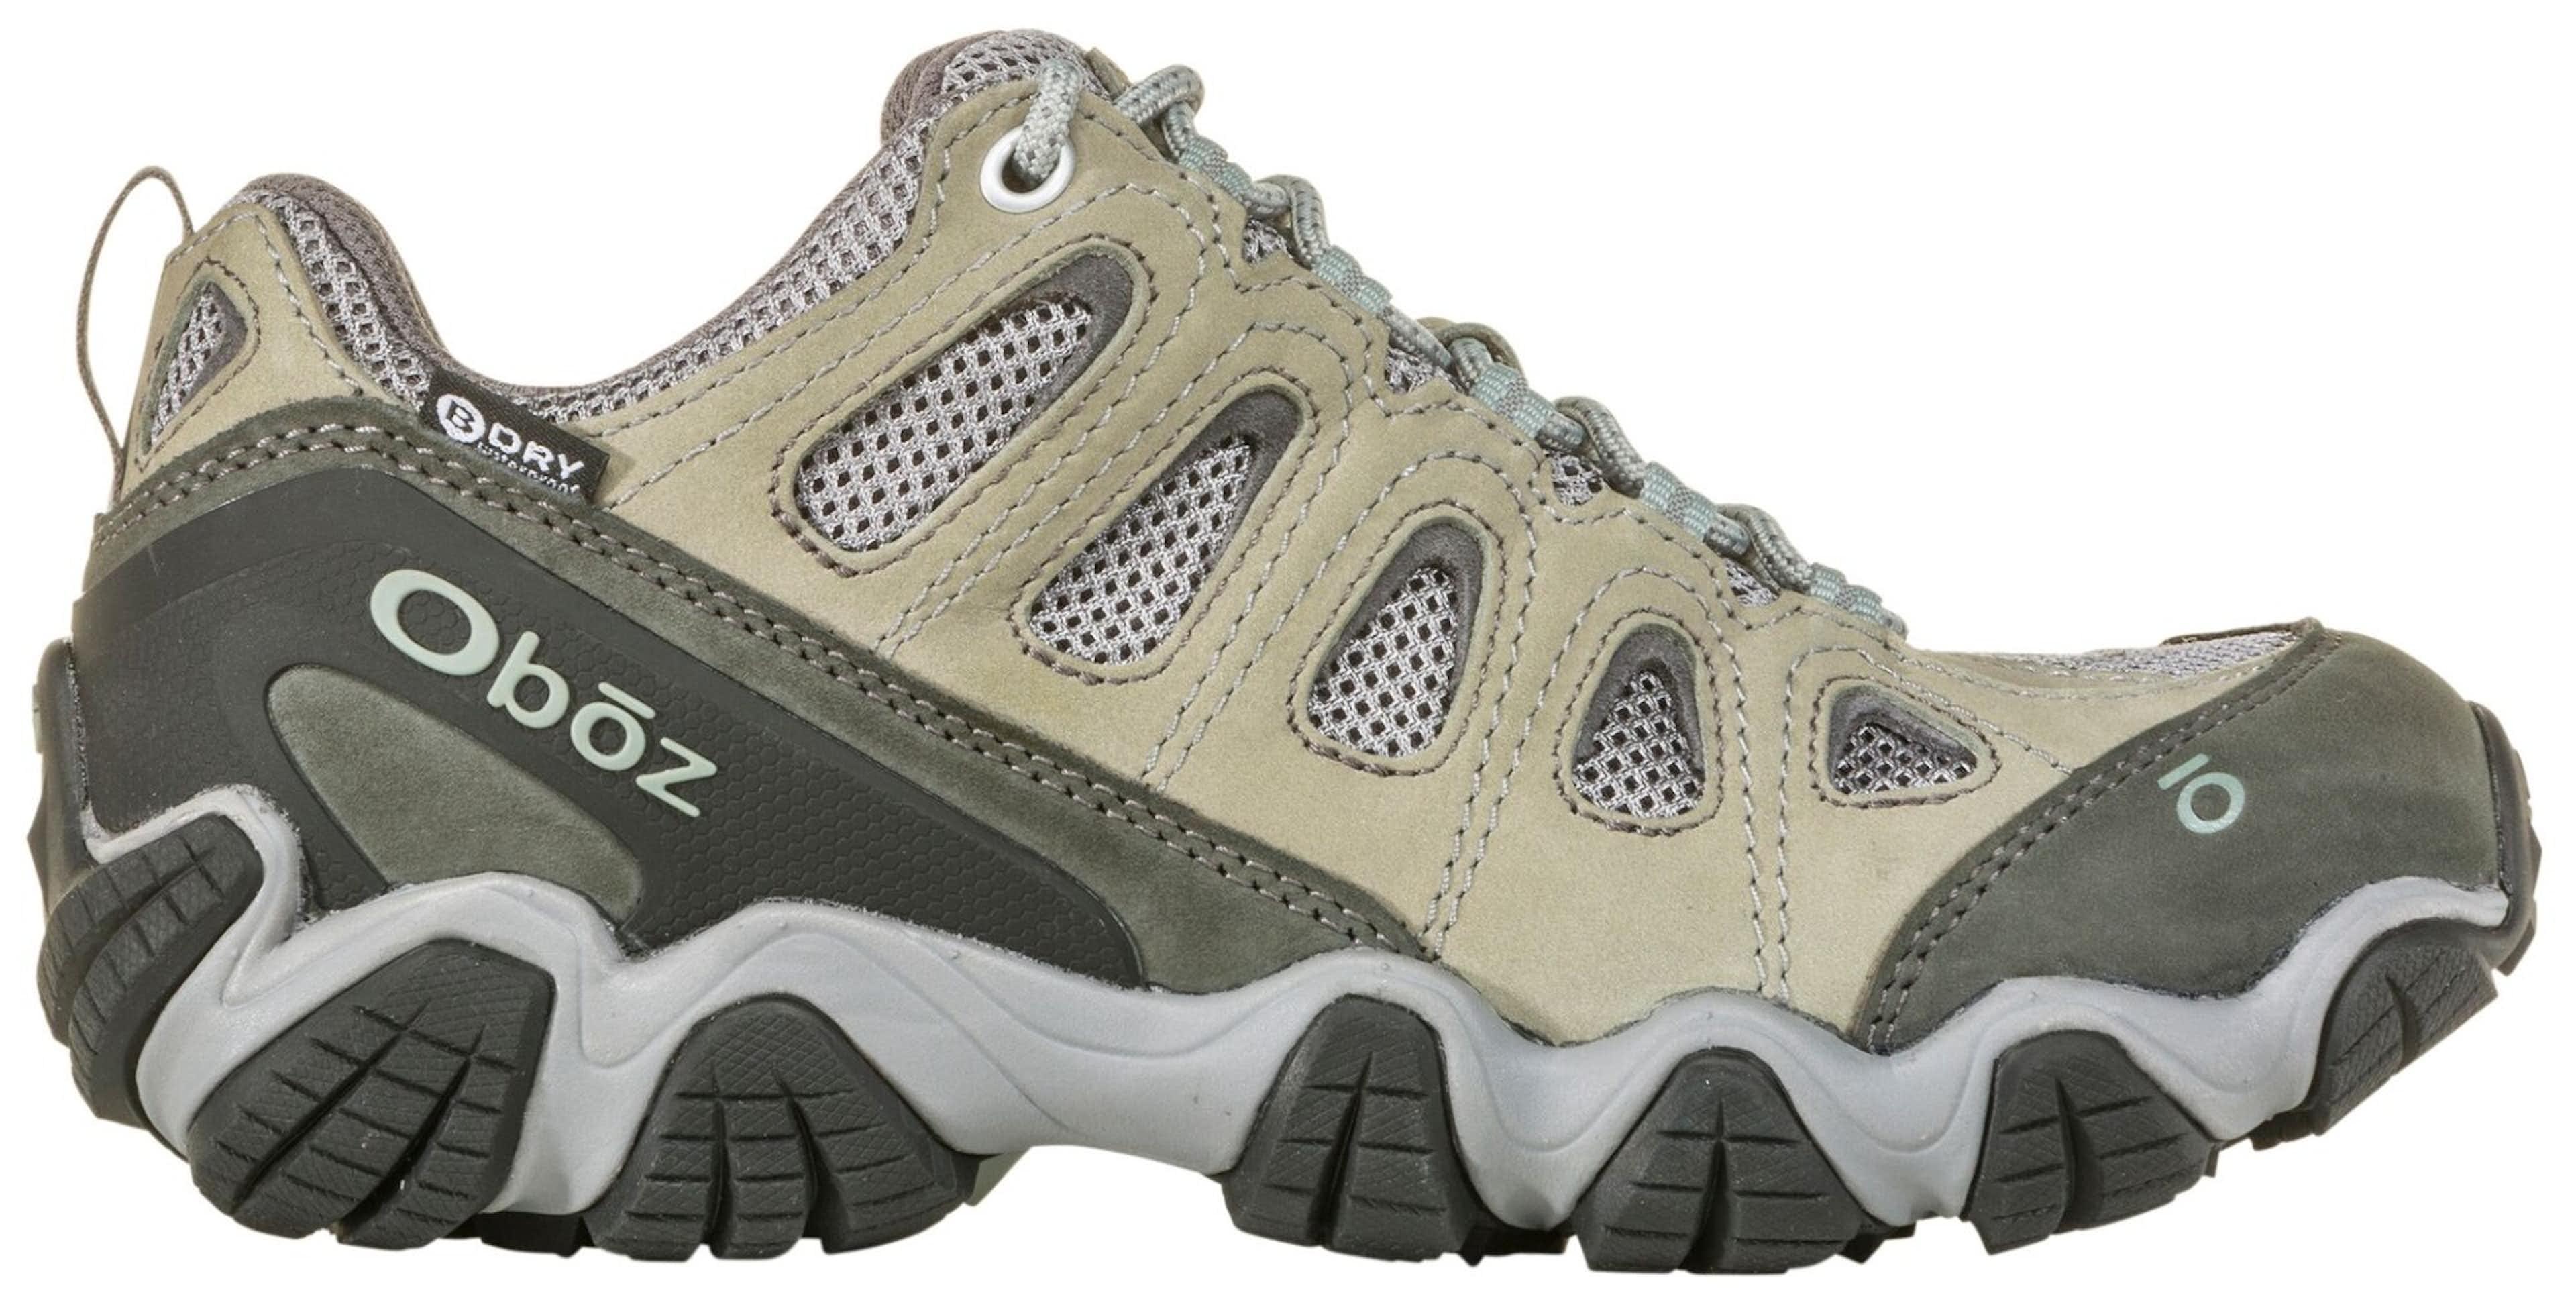 88940bee4b4 Womens Hiking & Outdoor Footwear | Kathmandu AU